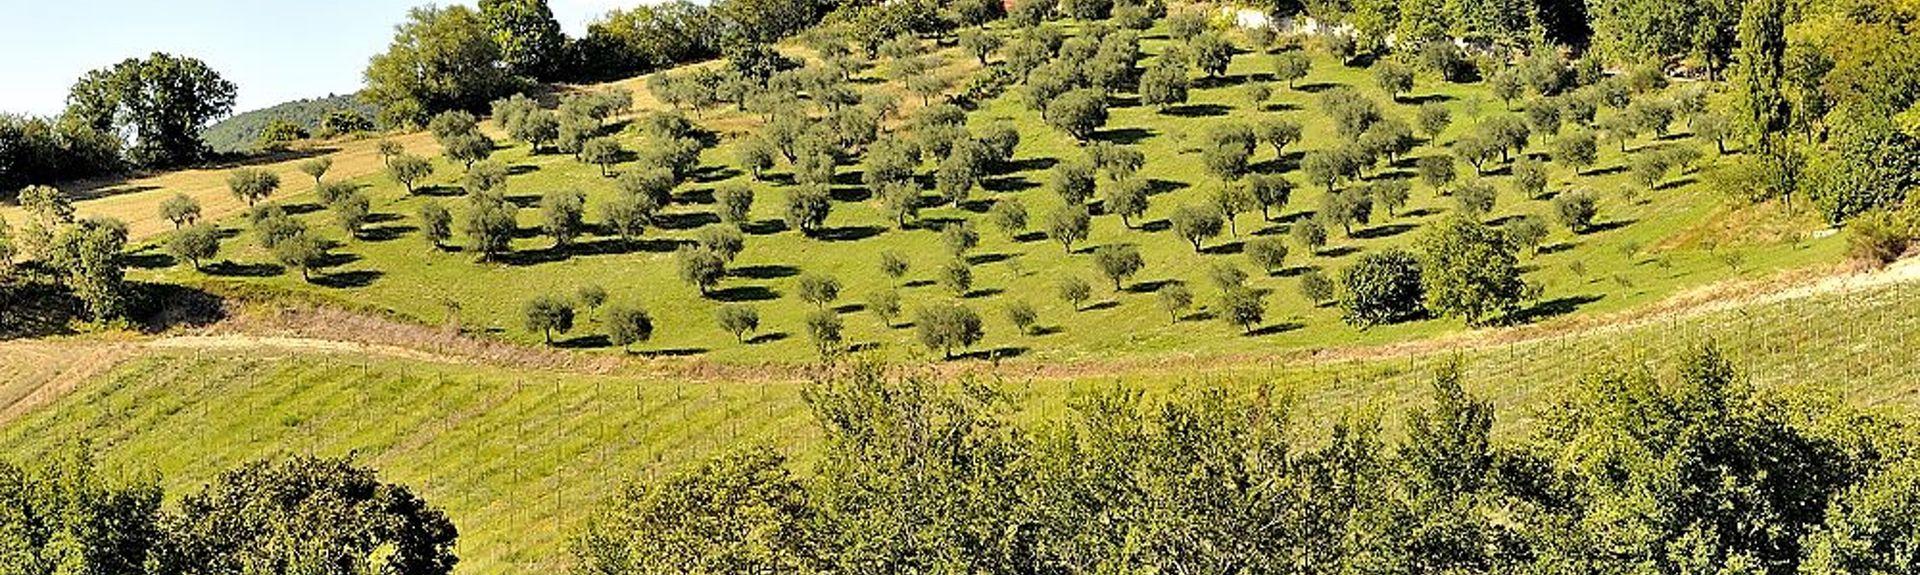 Ranghiasci Park, Gubbio, Umbria, Italy